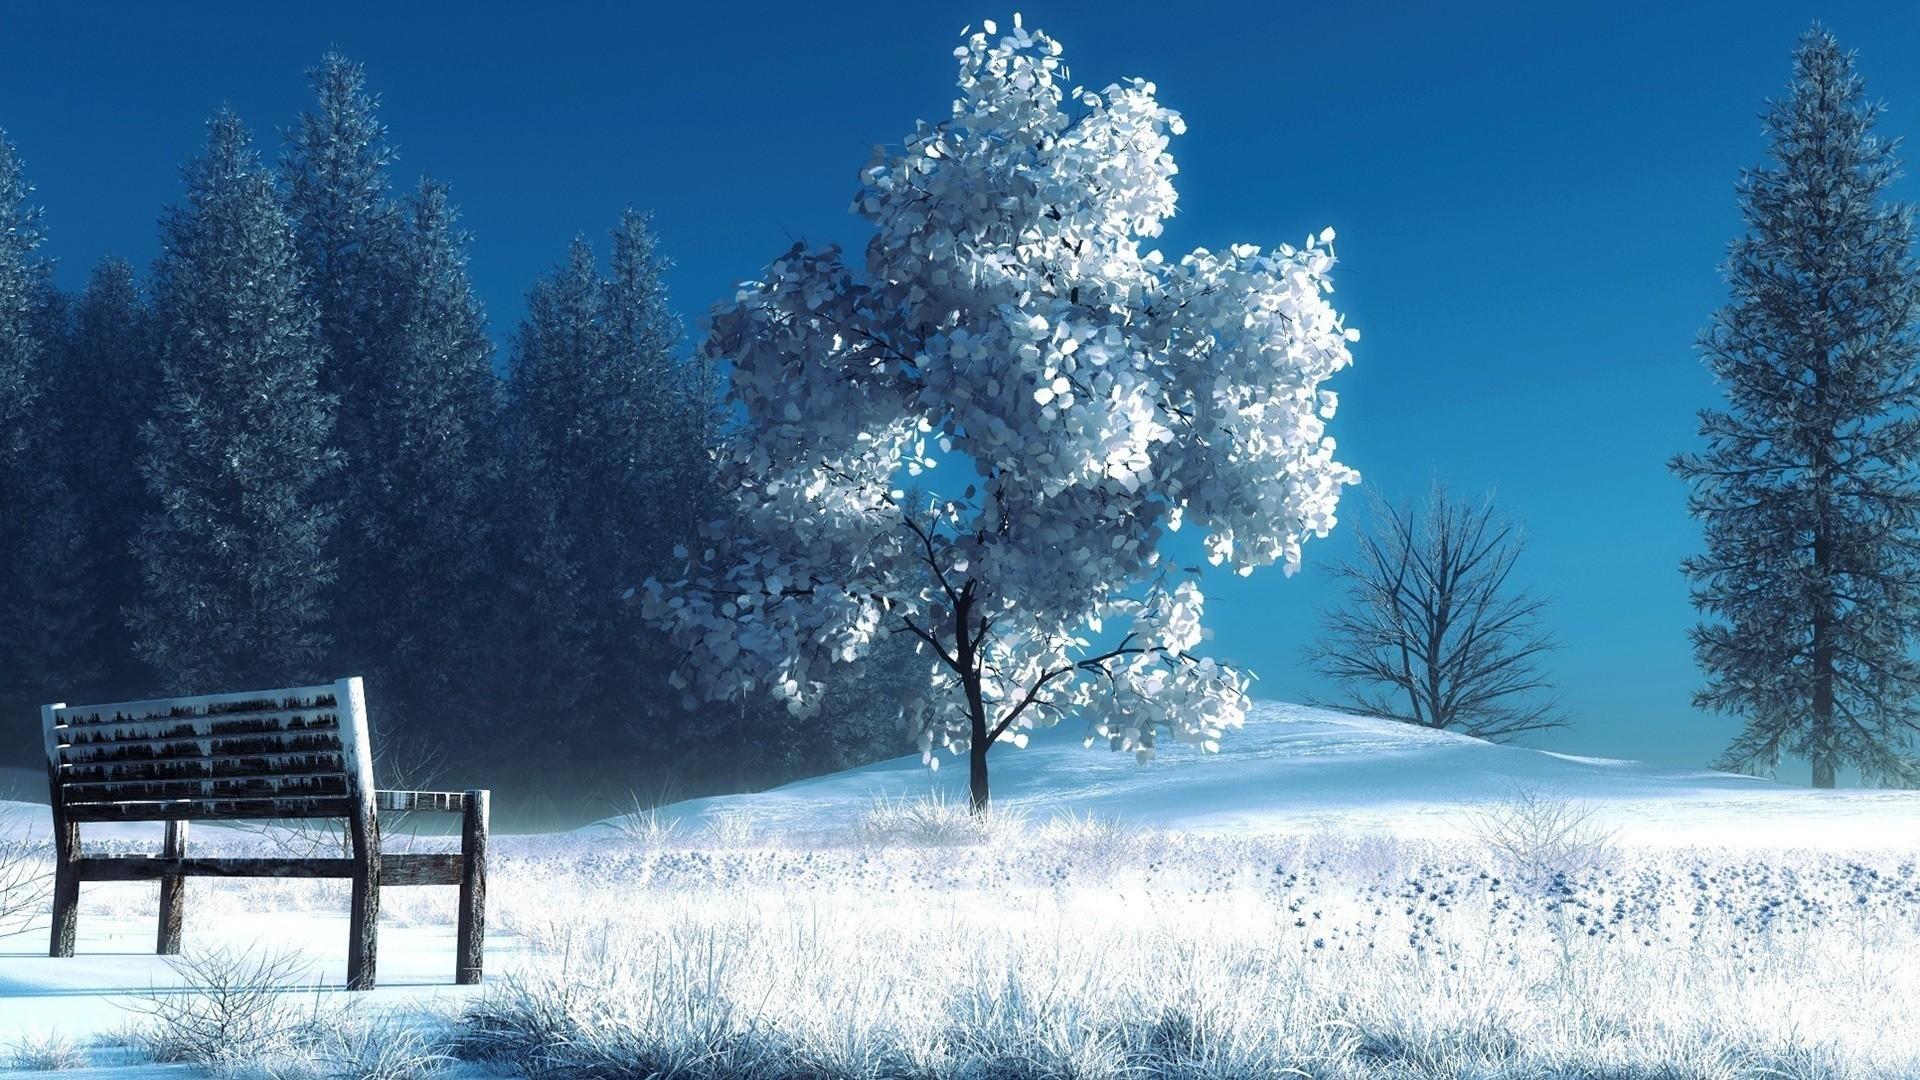 Snowy PC Wallpaper HD